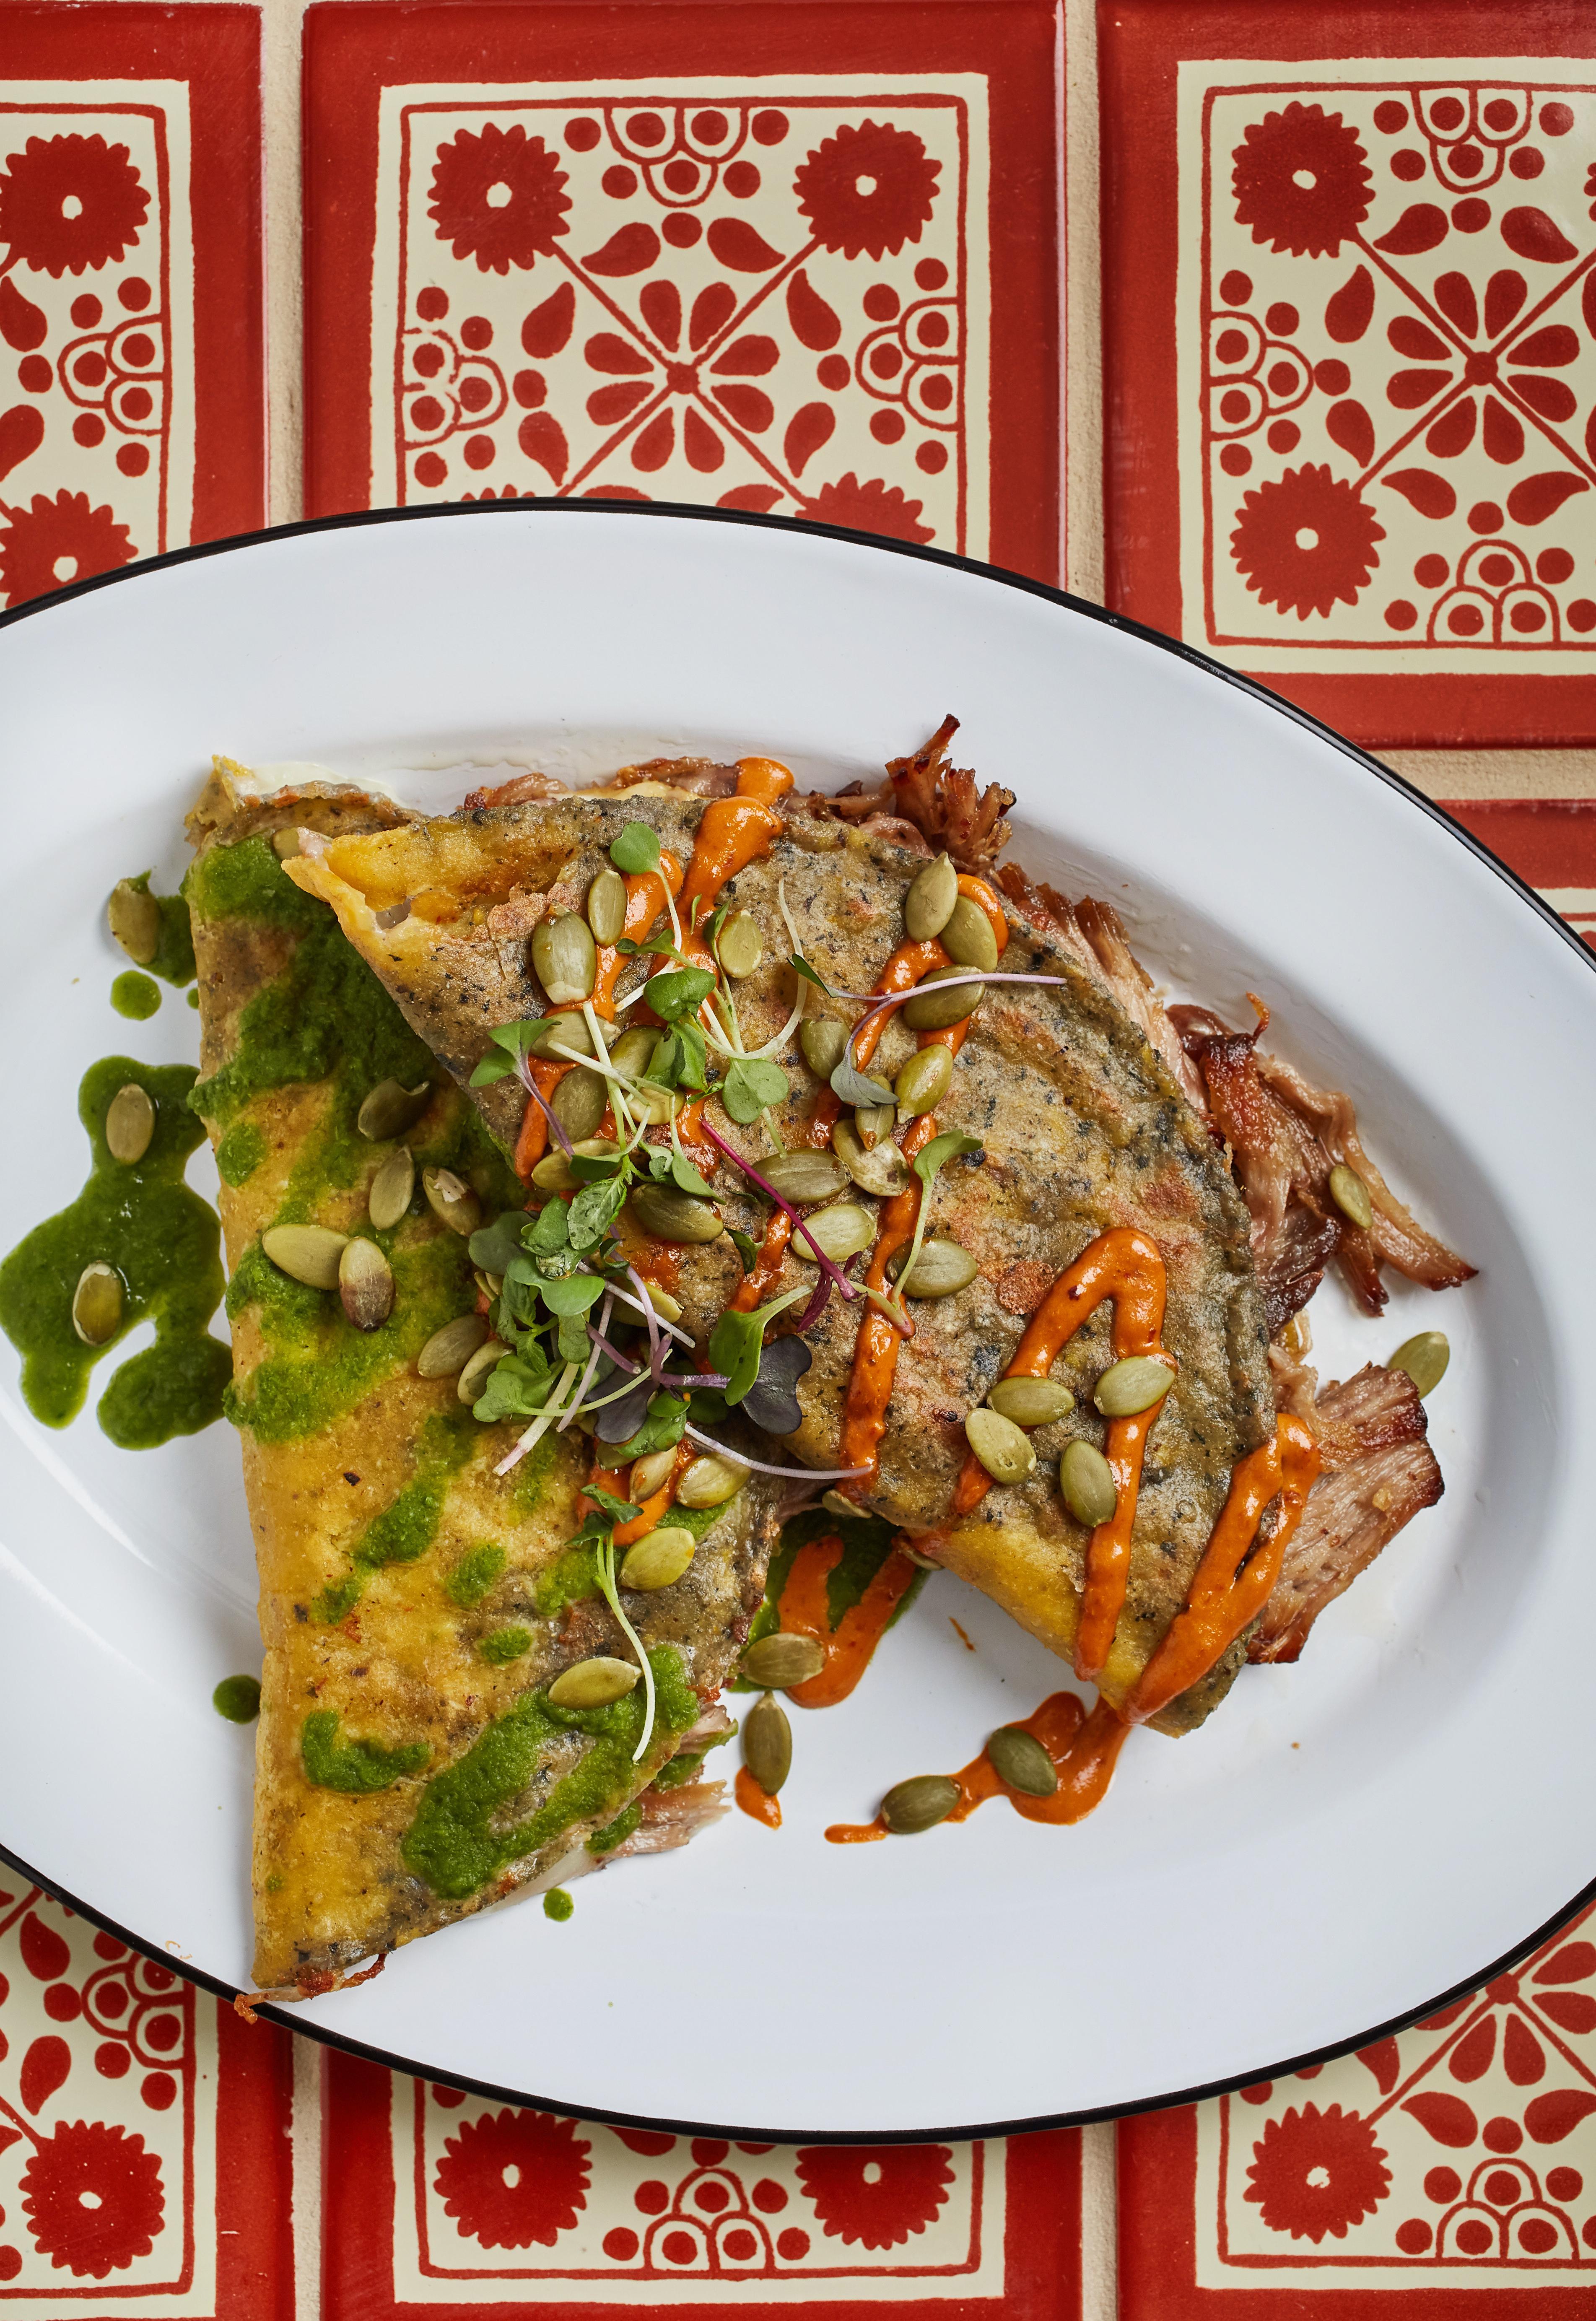 Quesadillas from Cielo Rojo